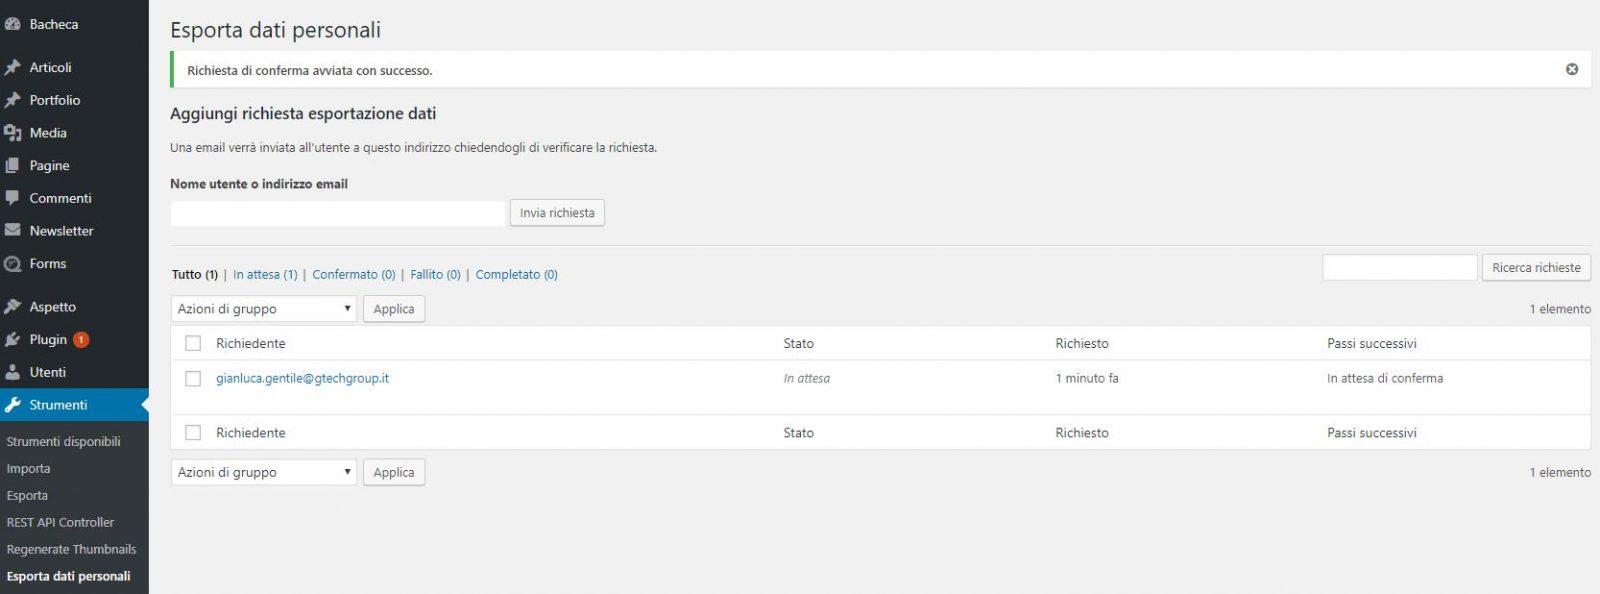 Pagina per l'esportazione dei dati personali in WordPress 4.9.6.